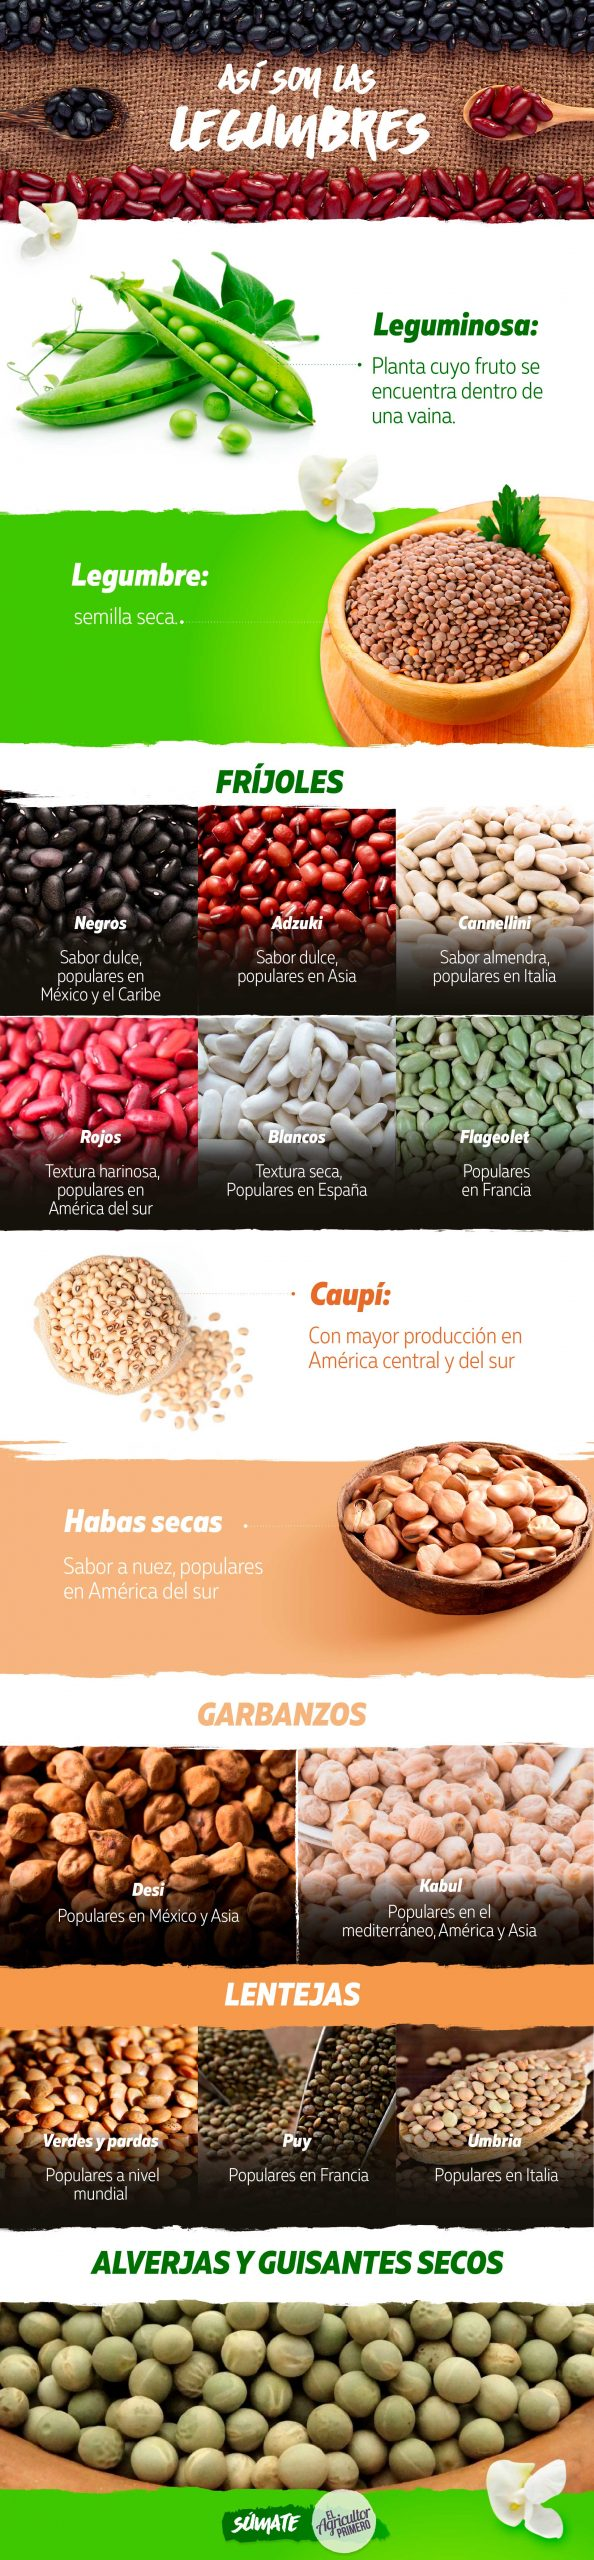 infografia legumbres